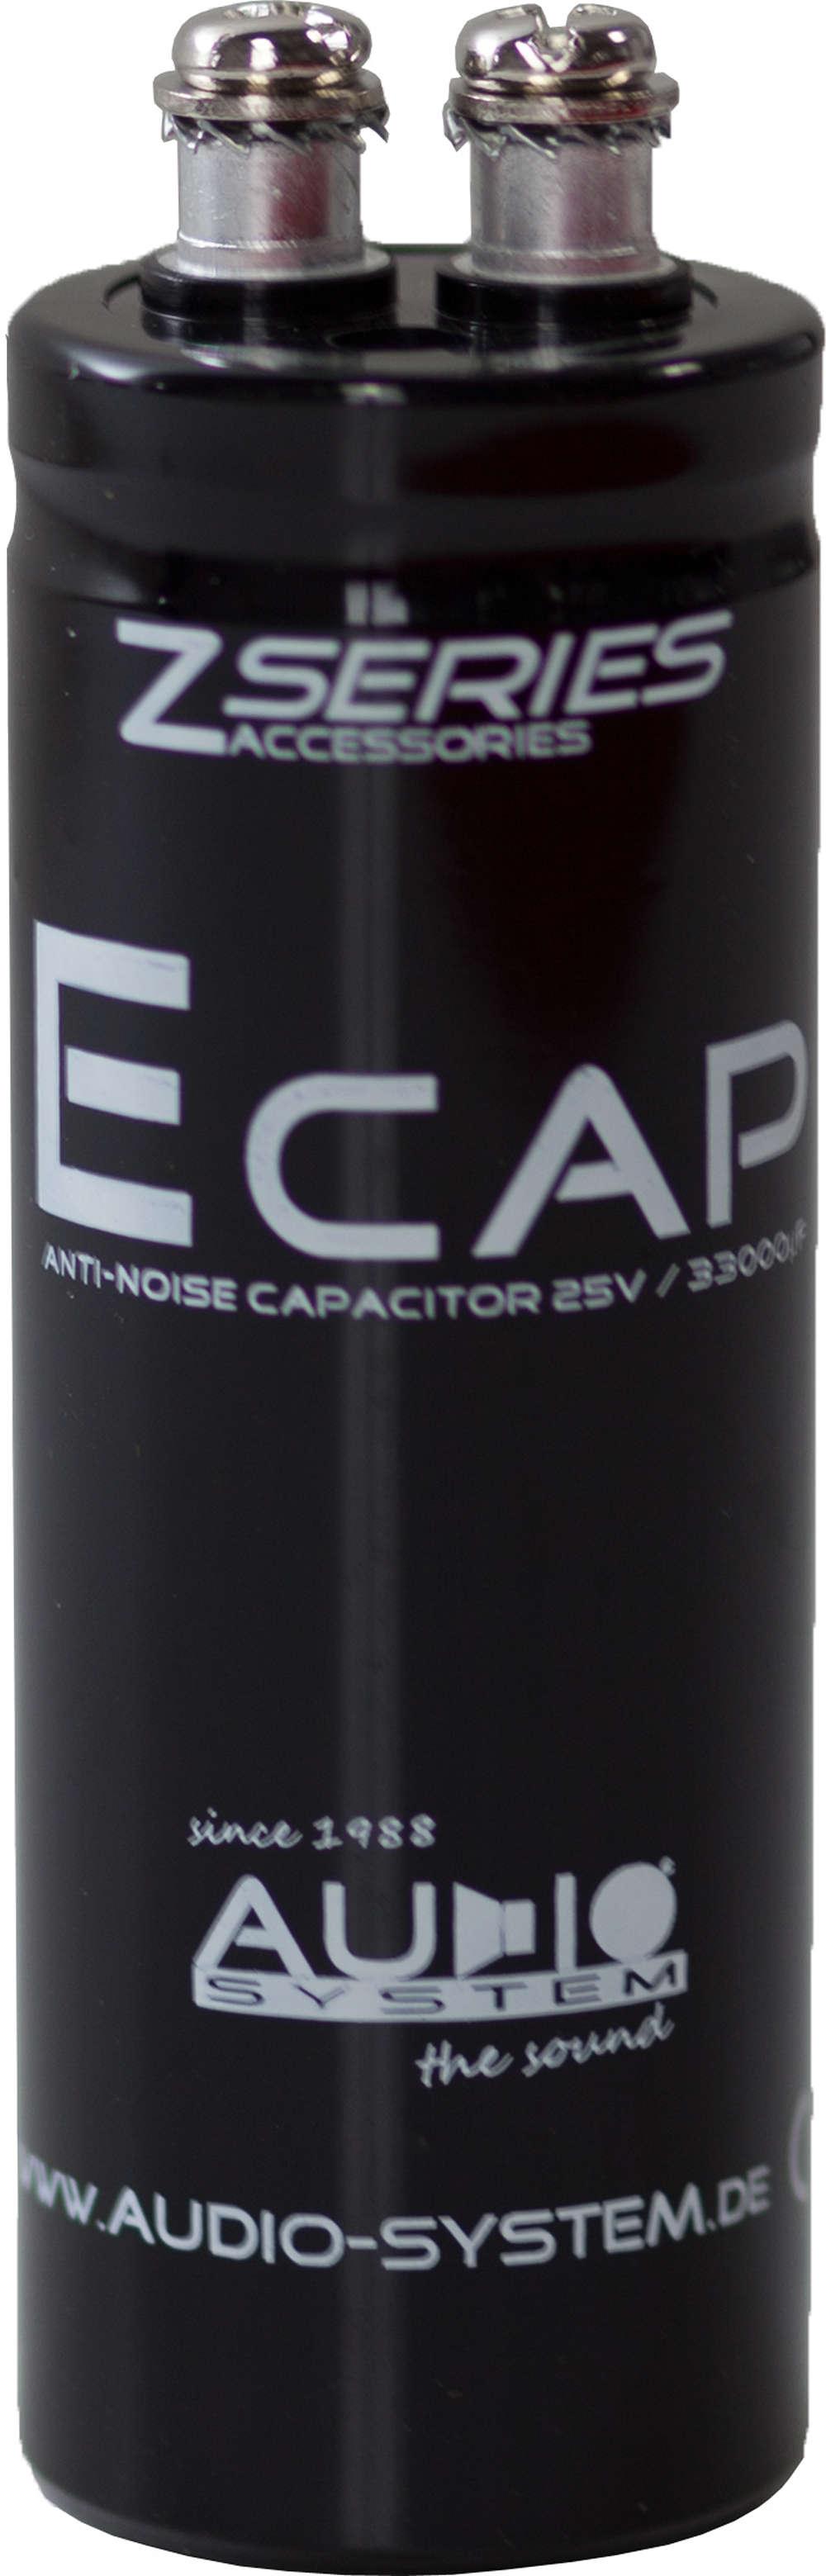 Audio System ECAP CAP33